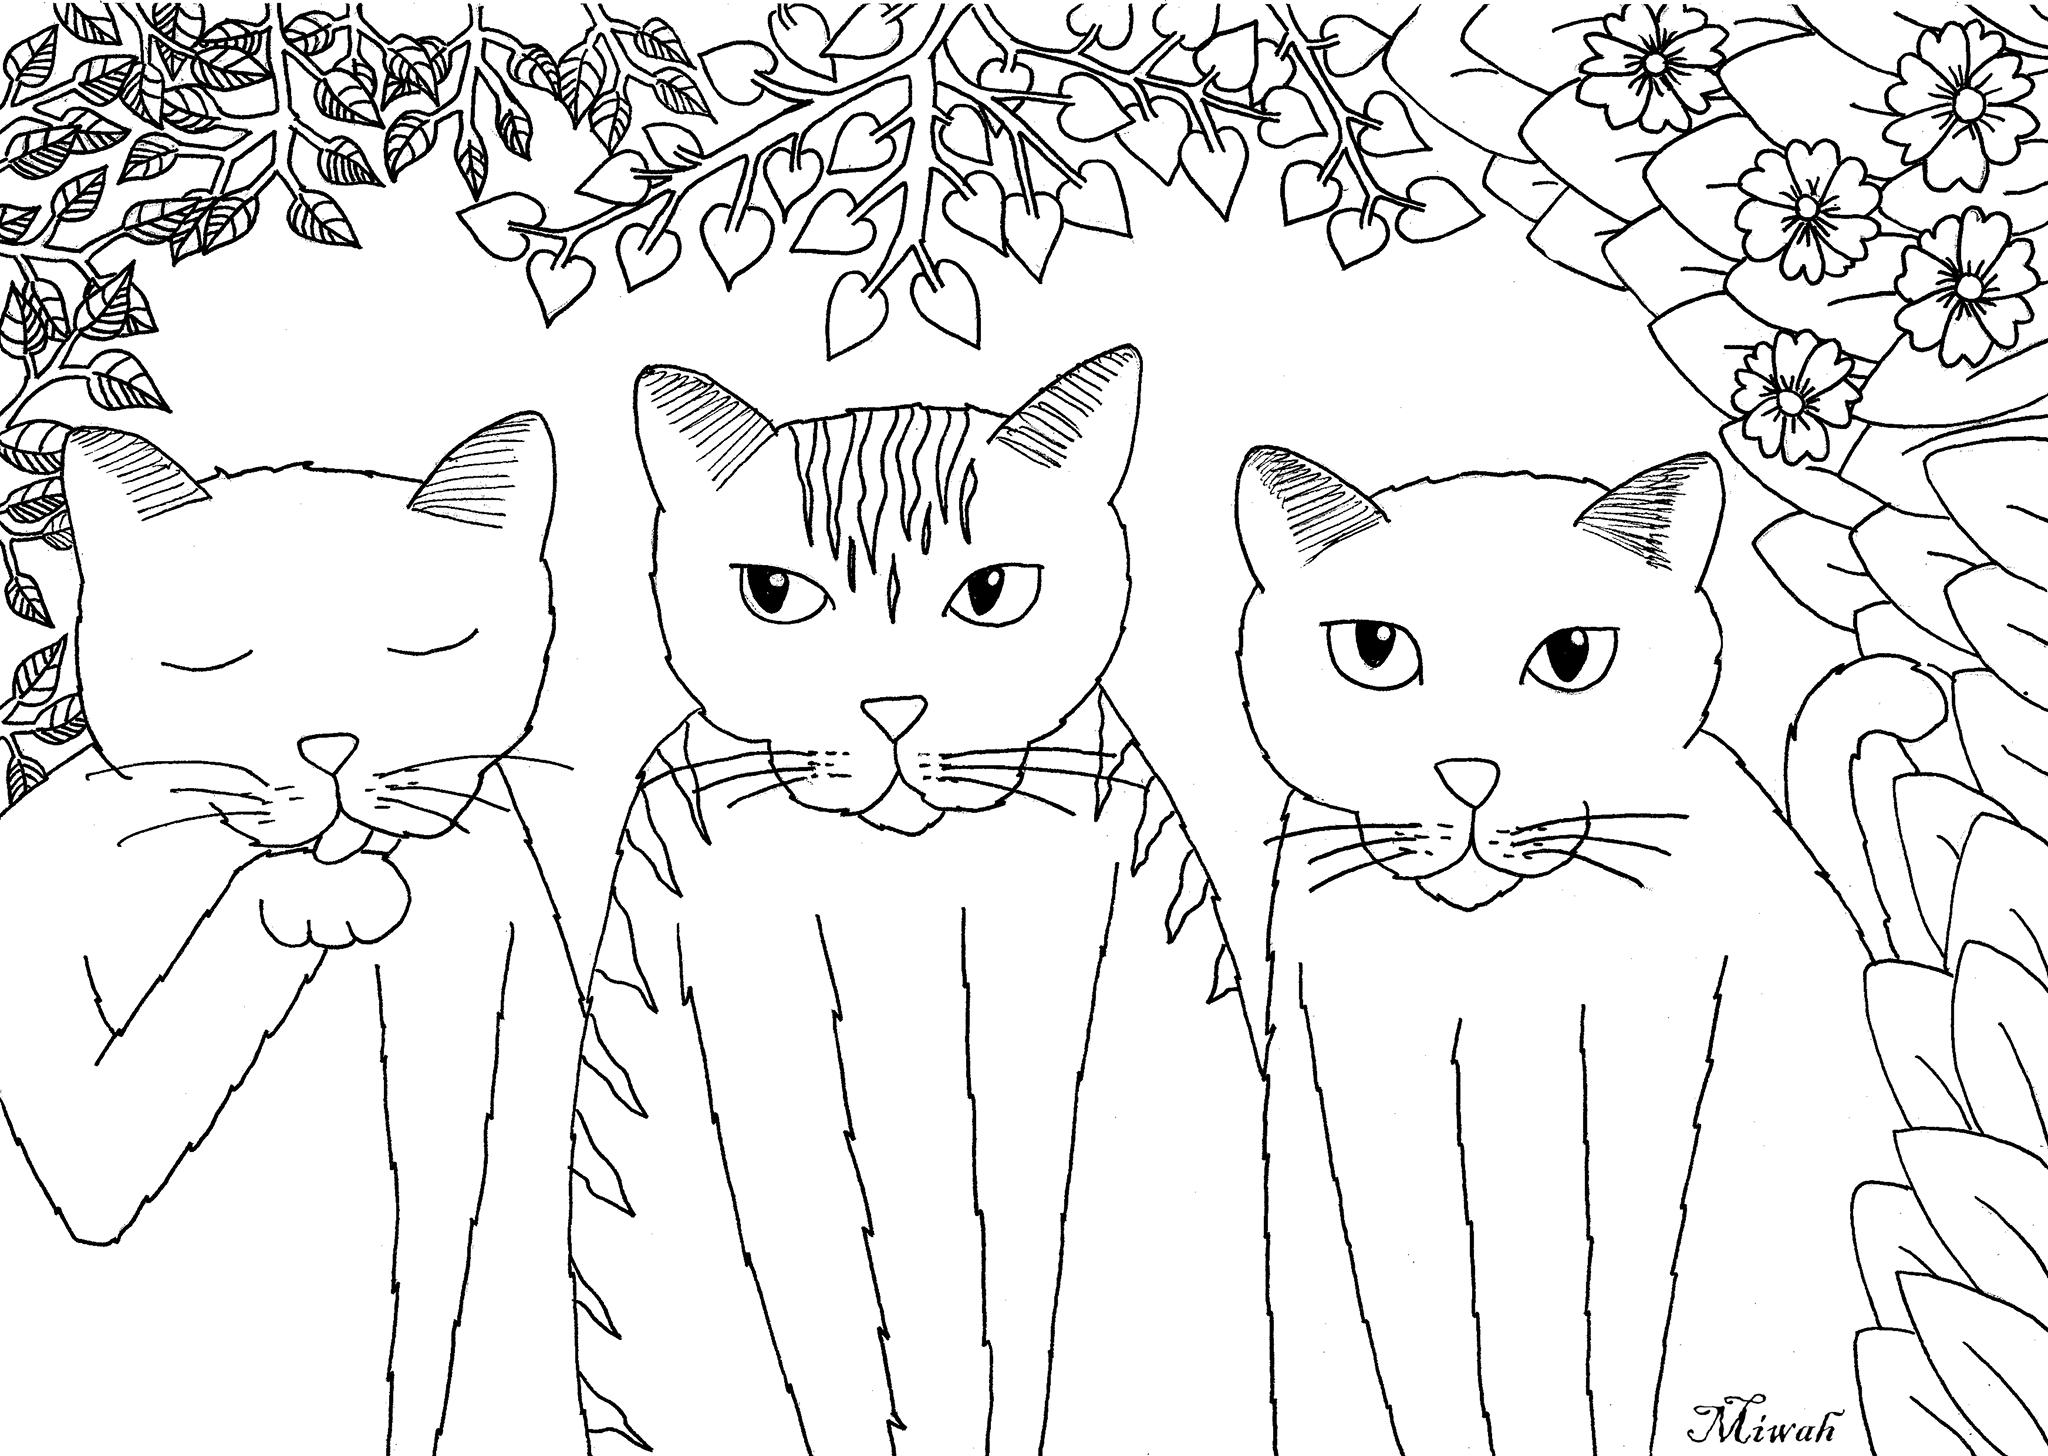 Colorear para adultos  : Gatos - 11